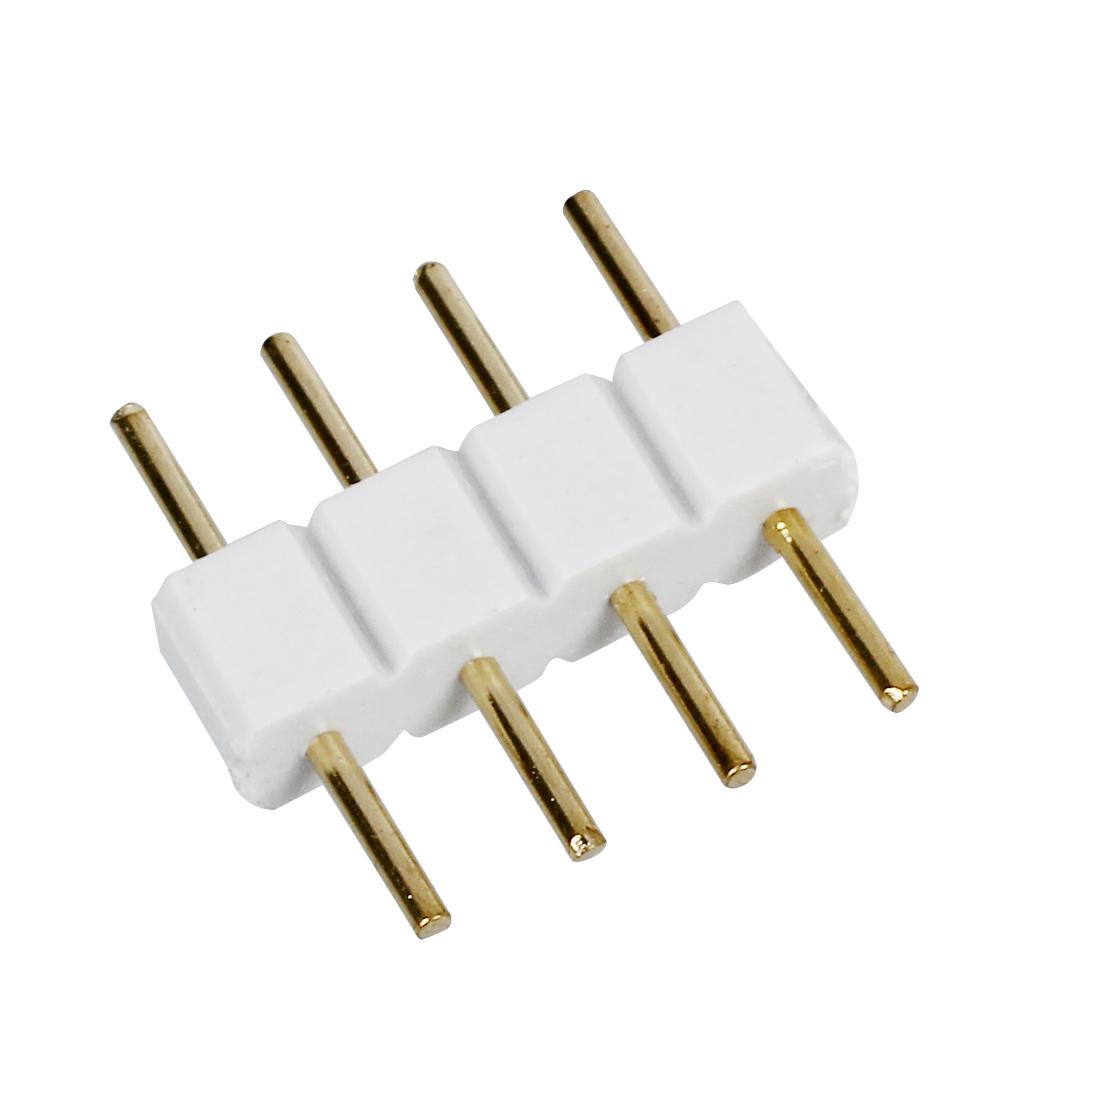 5x Stecker zu Stecker 4-polig RGB Kabel Steckverbinder fur LED Streifen W C9X8